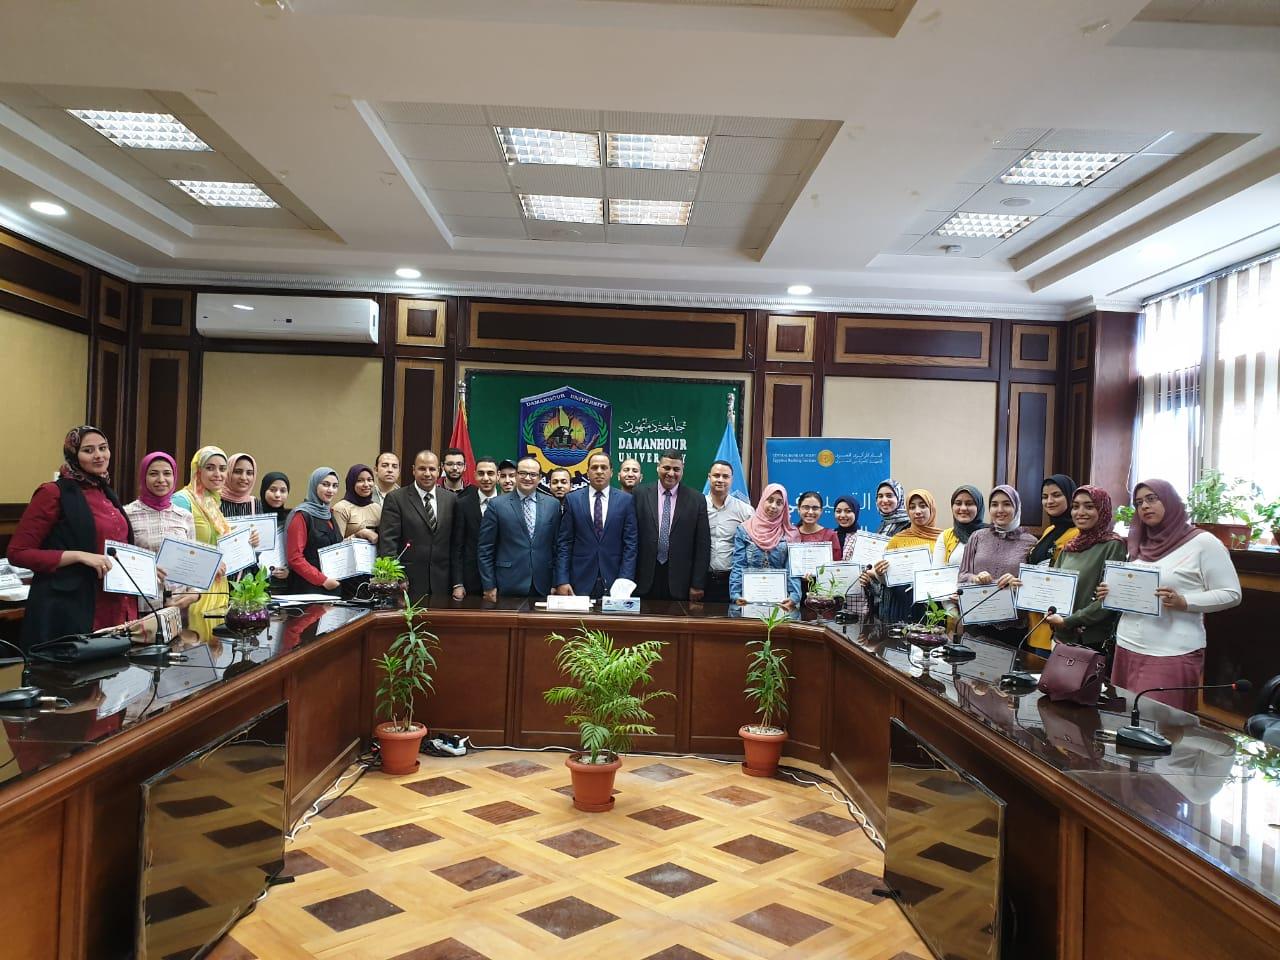 بالصور ..رئيس جامعة دمنهور يكرم الطلاب الحاصلين على منحة البنك المركزي   .....